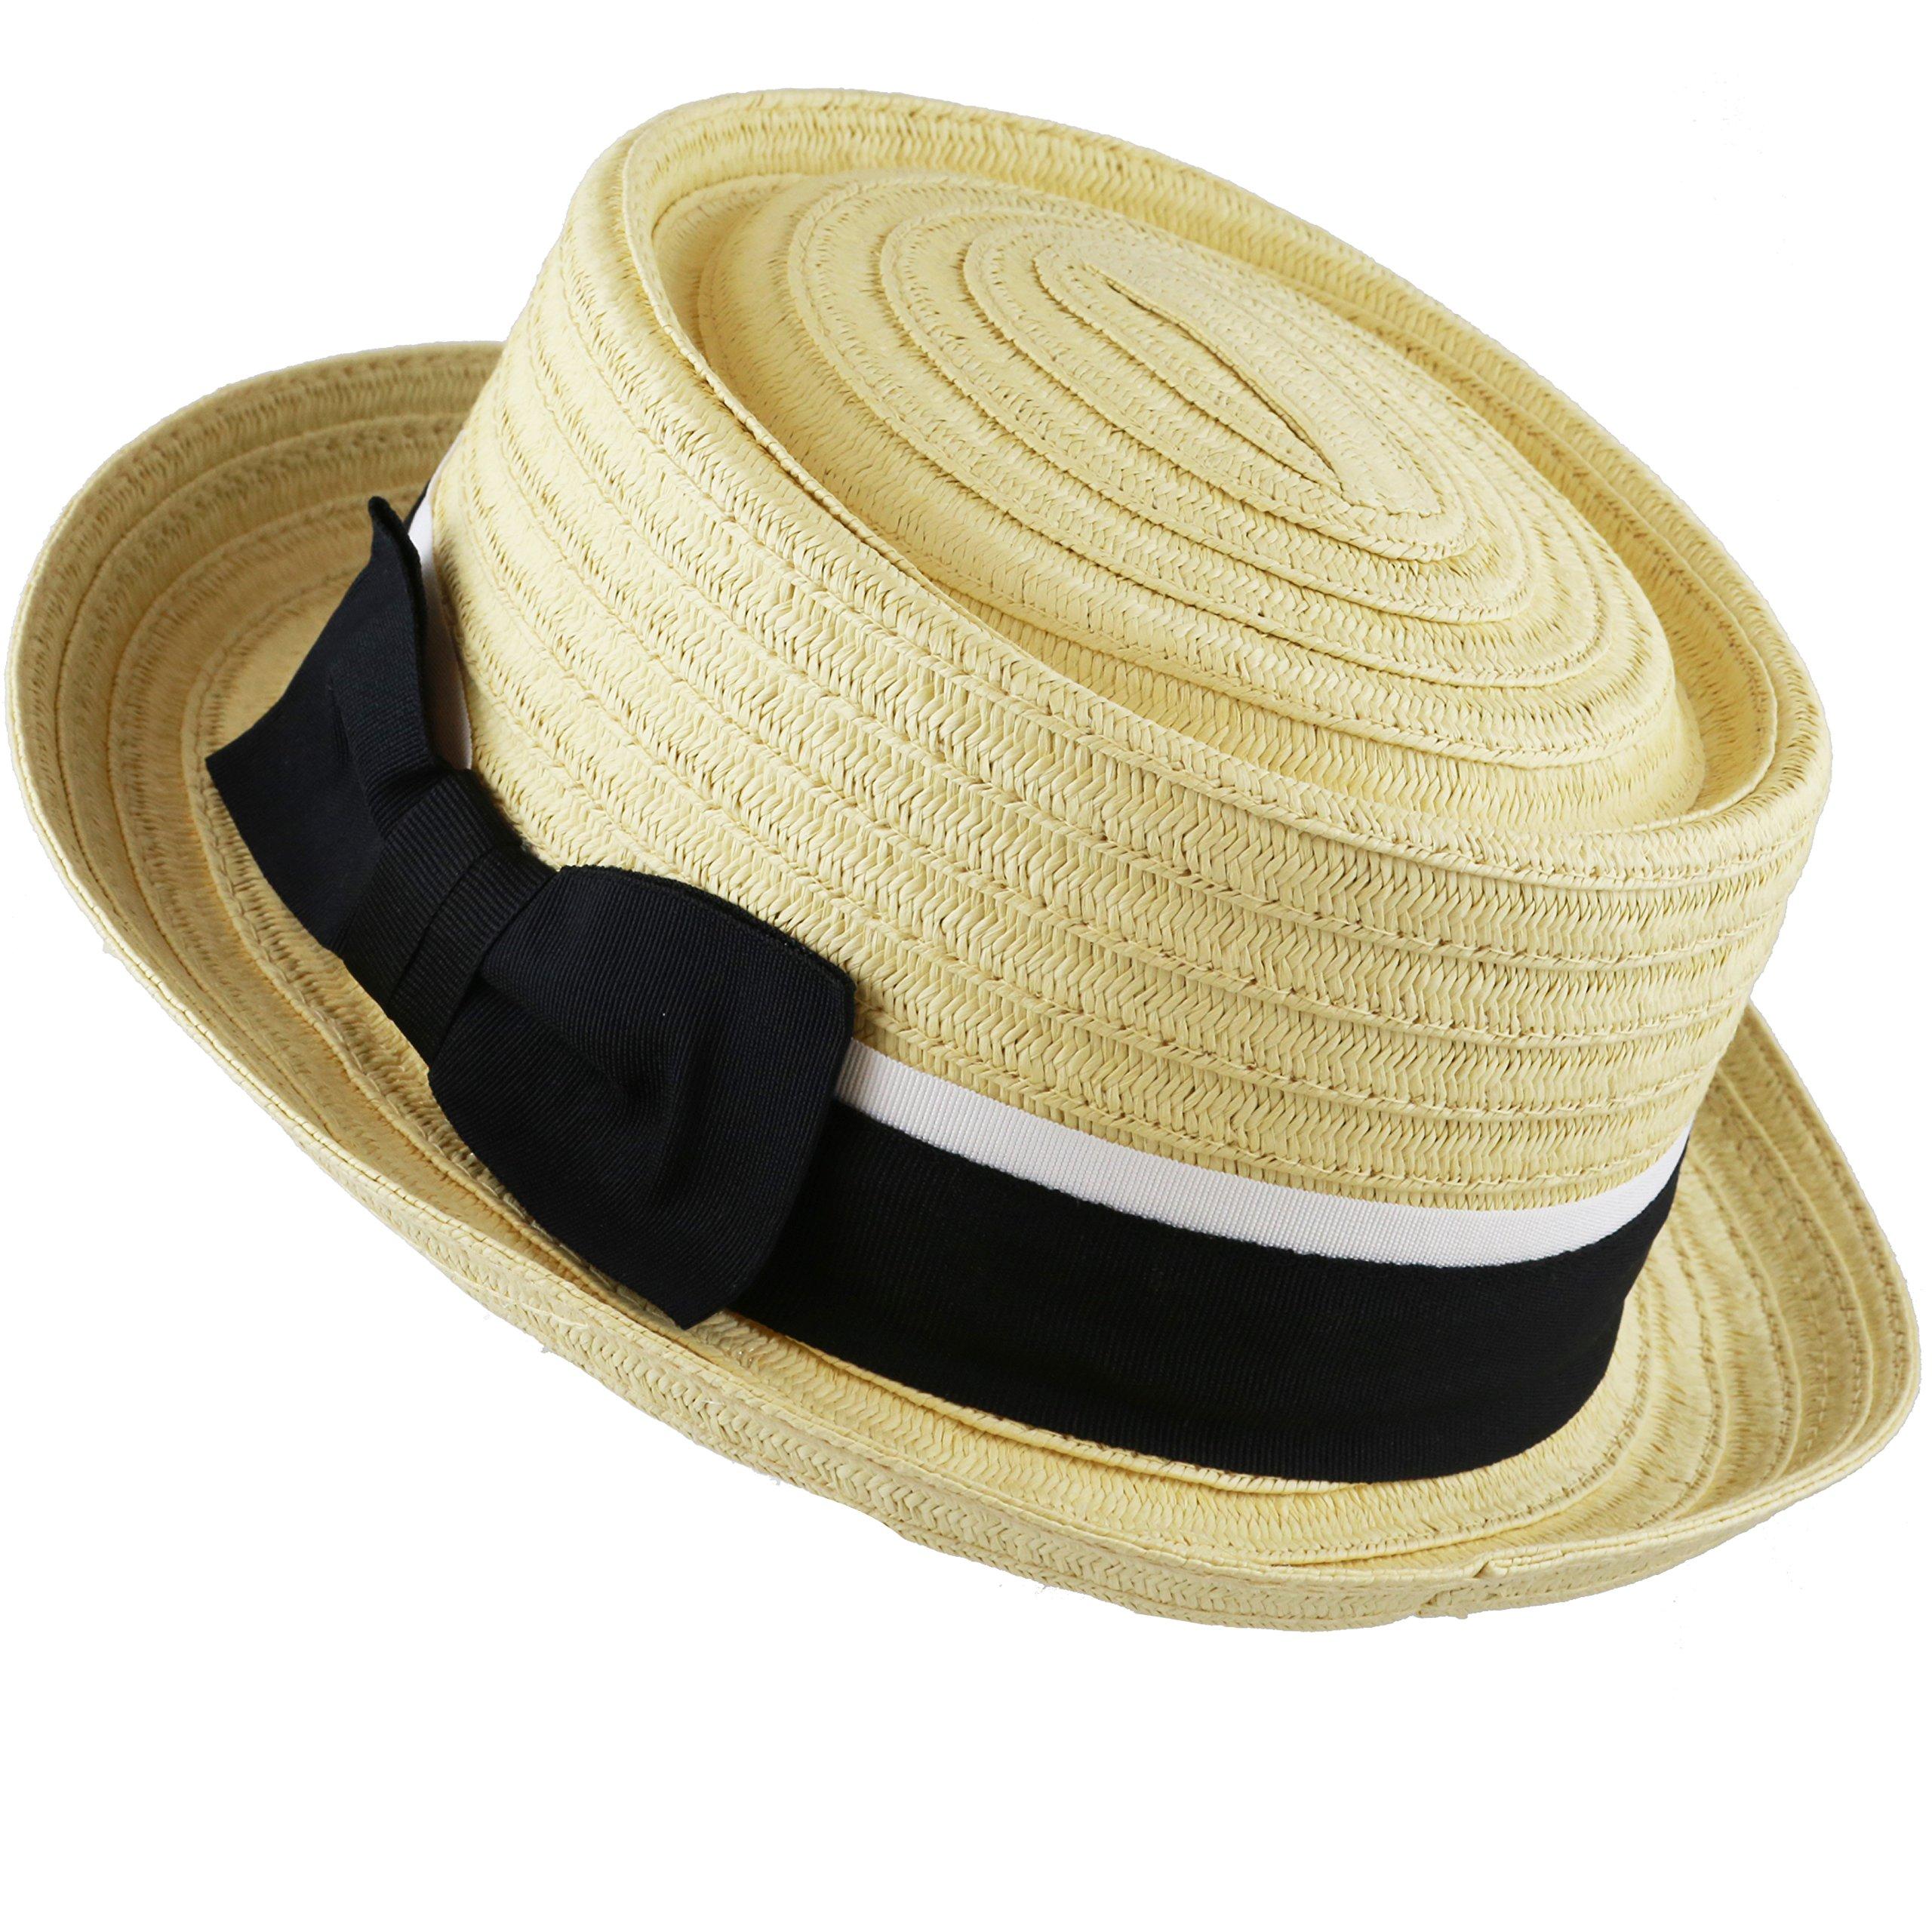 The Hat Depot Unisex Summer Paper Straw Short Brim Porkpie Hat (Natural)